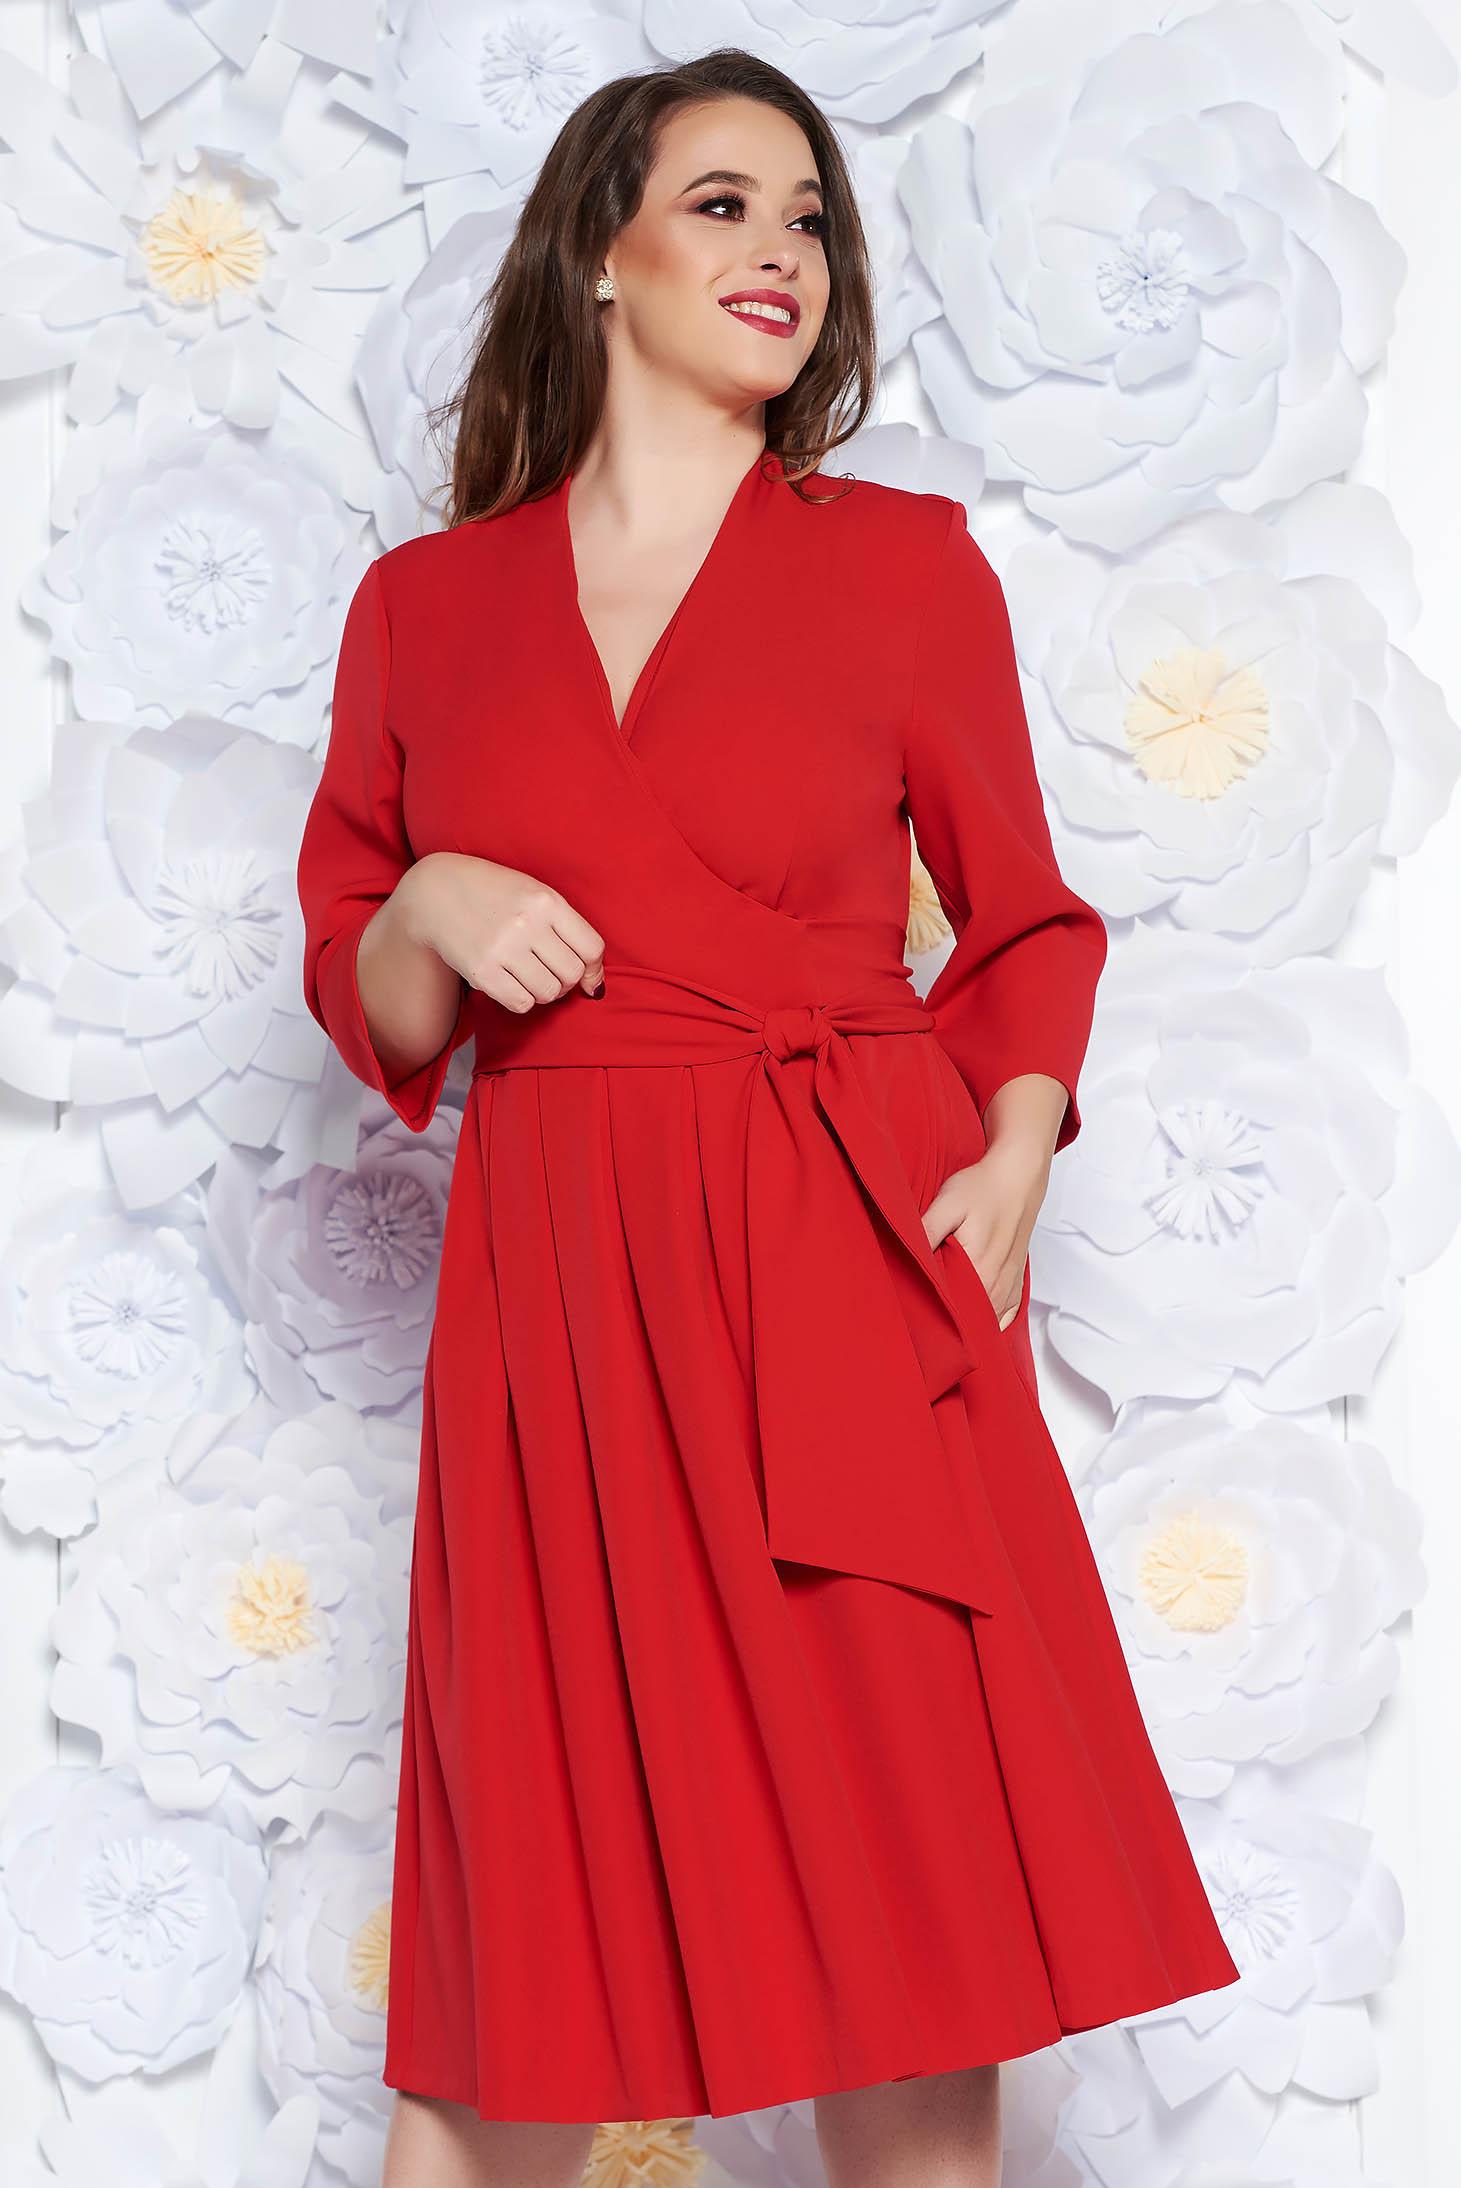 Red elegant cloche dress nonelastic cotton with v-neckline